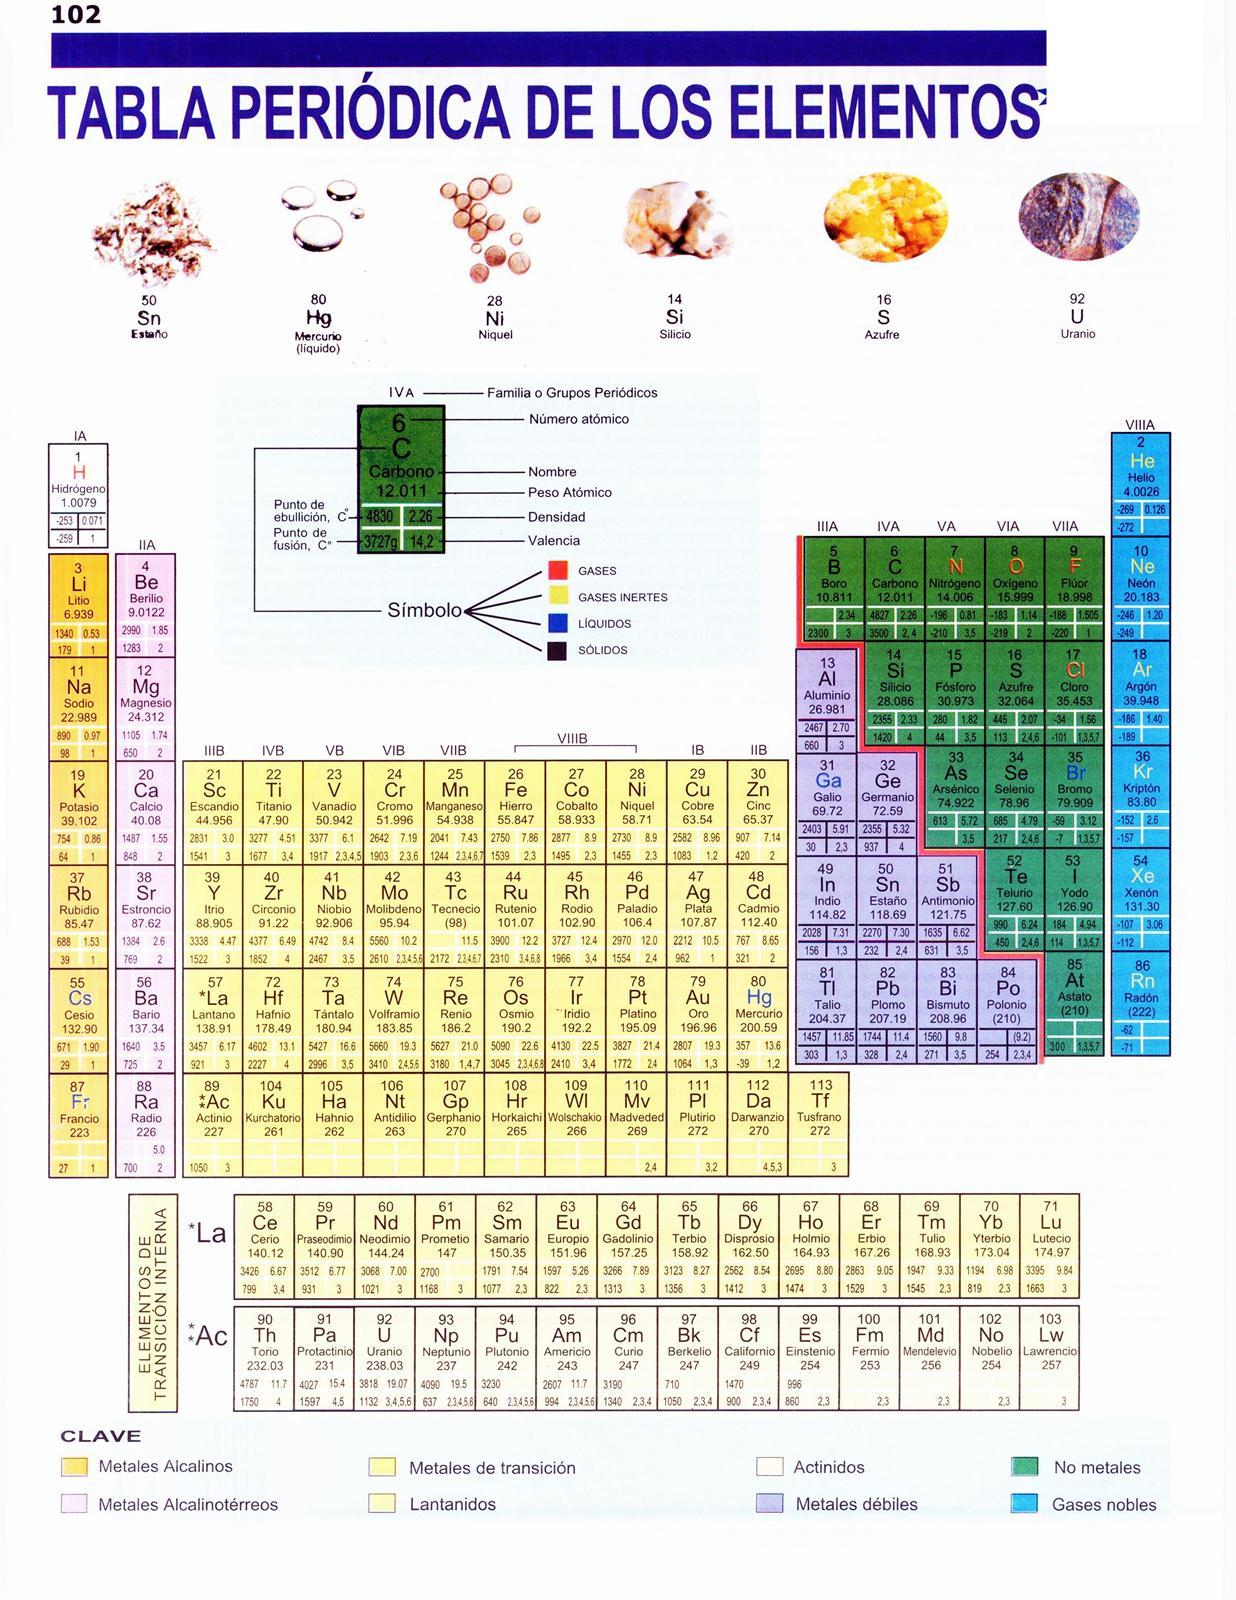 Lamina tabla periodica elementos lamina tabla periodica elementos da clic en la imagen para ver la lmina en tamao completol urtaz Image collections